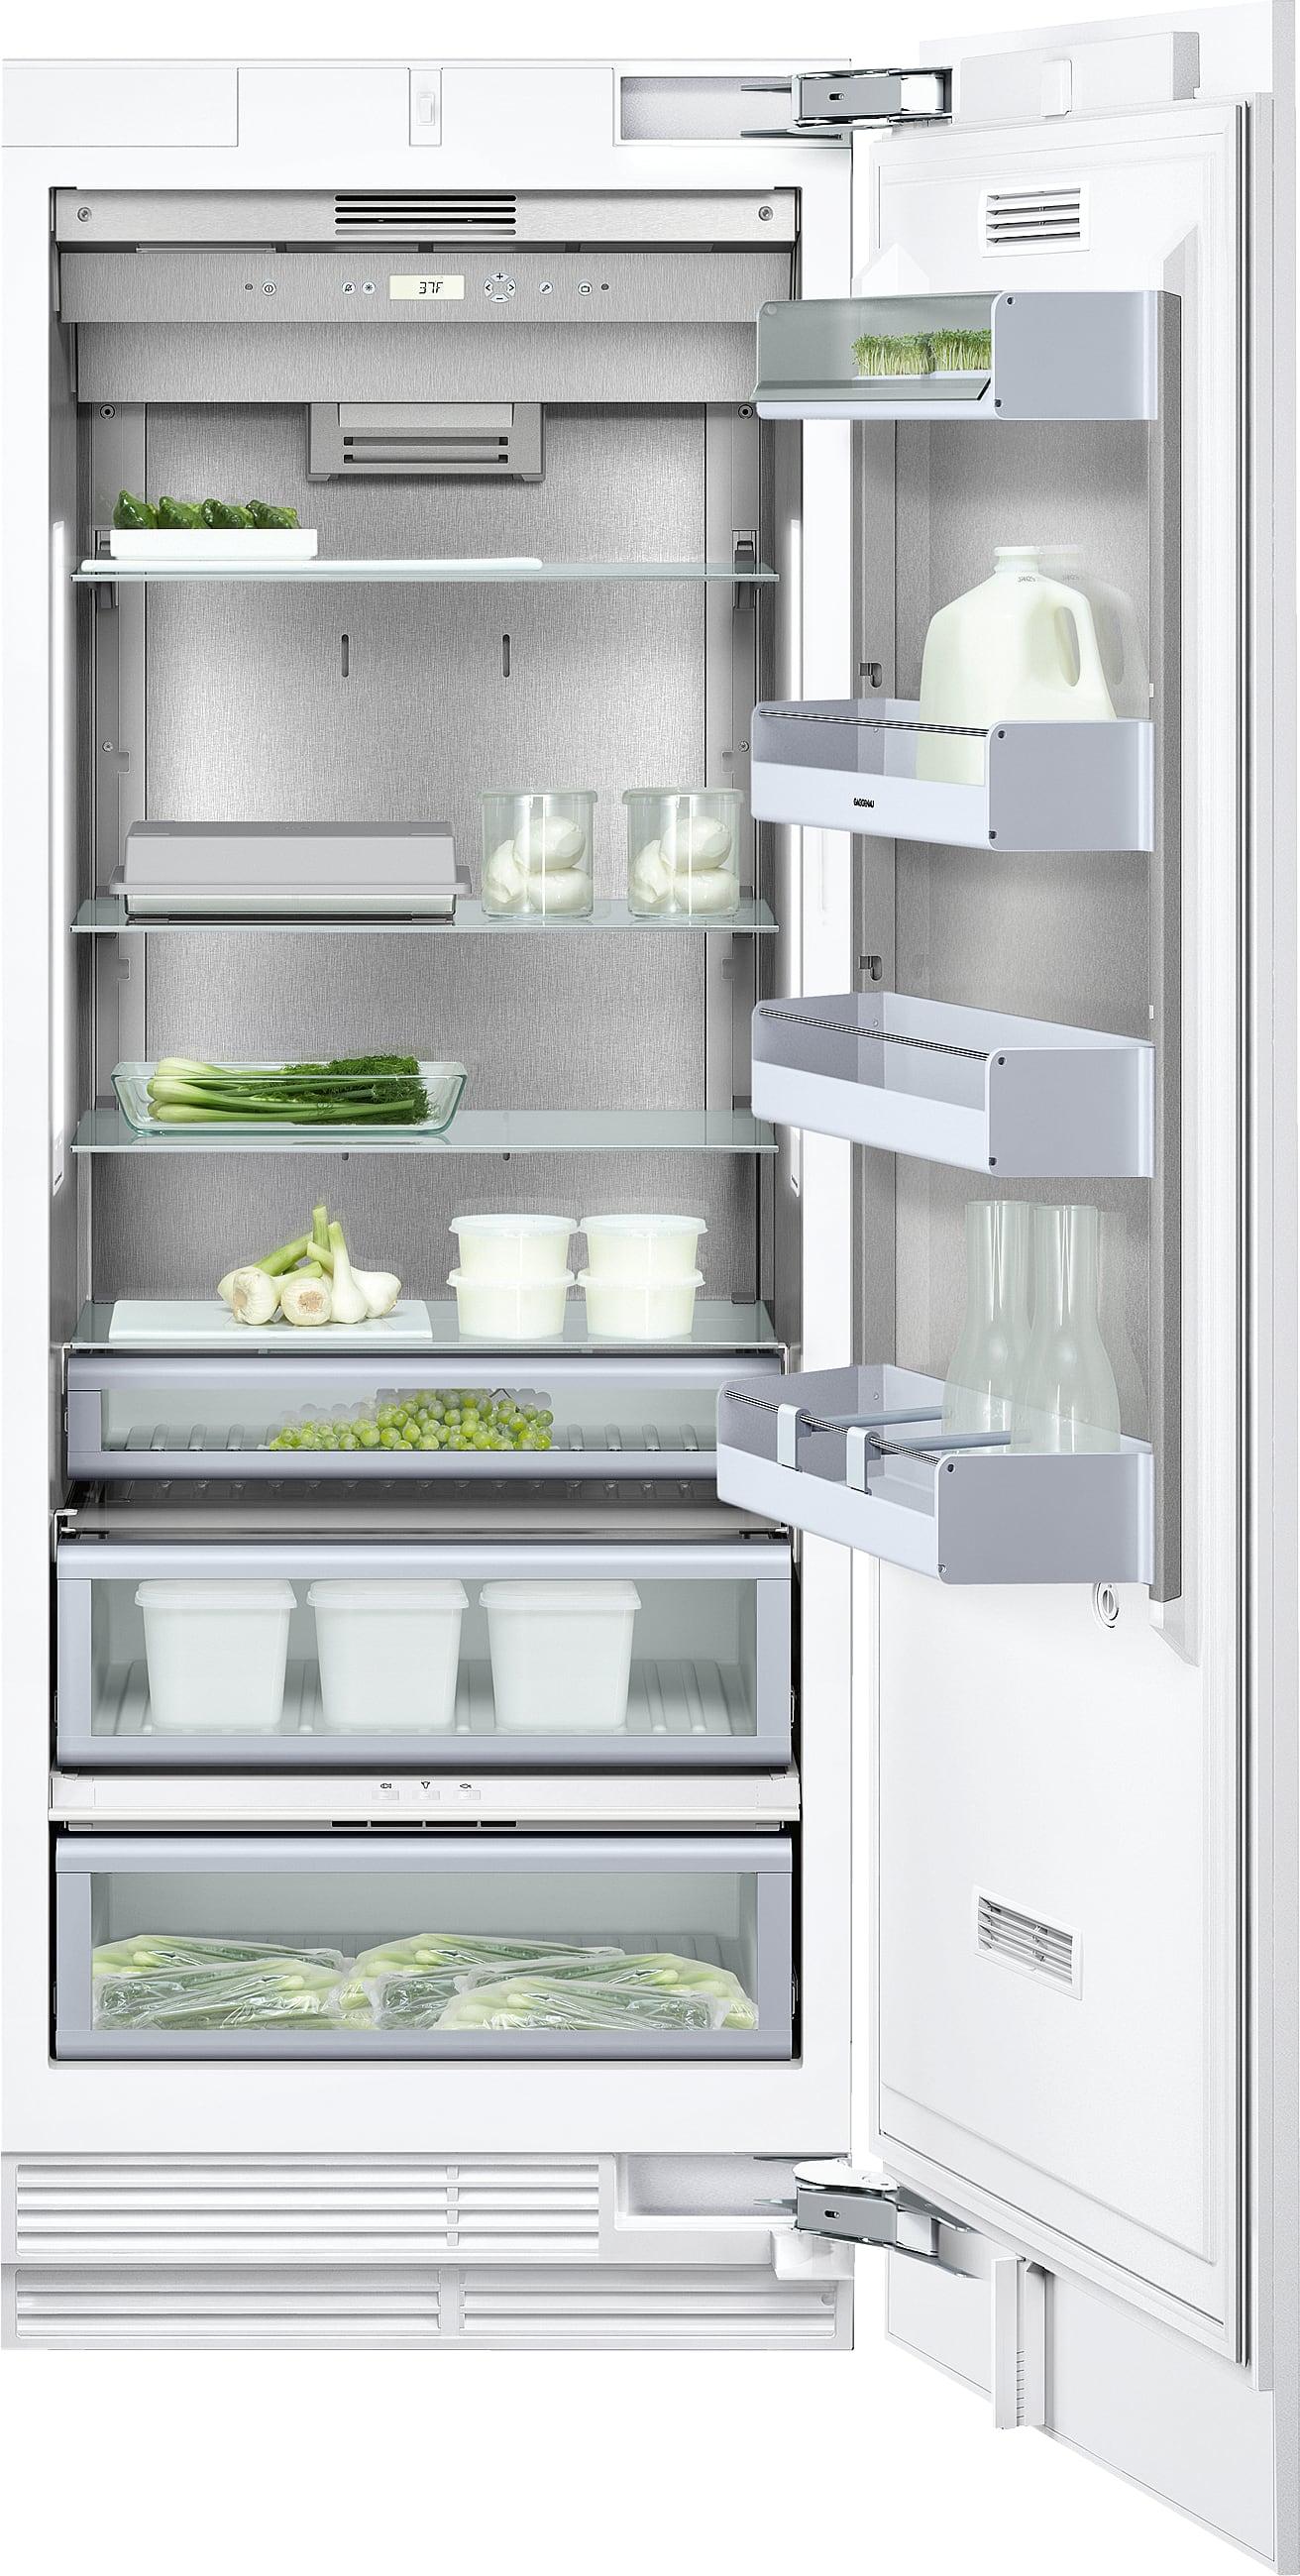 Gaggenau Rf461701 24 Inch Built In Freezer Column With